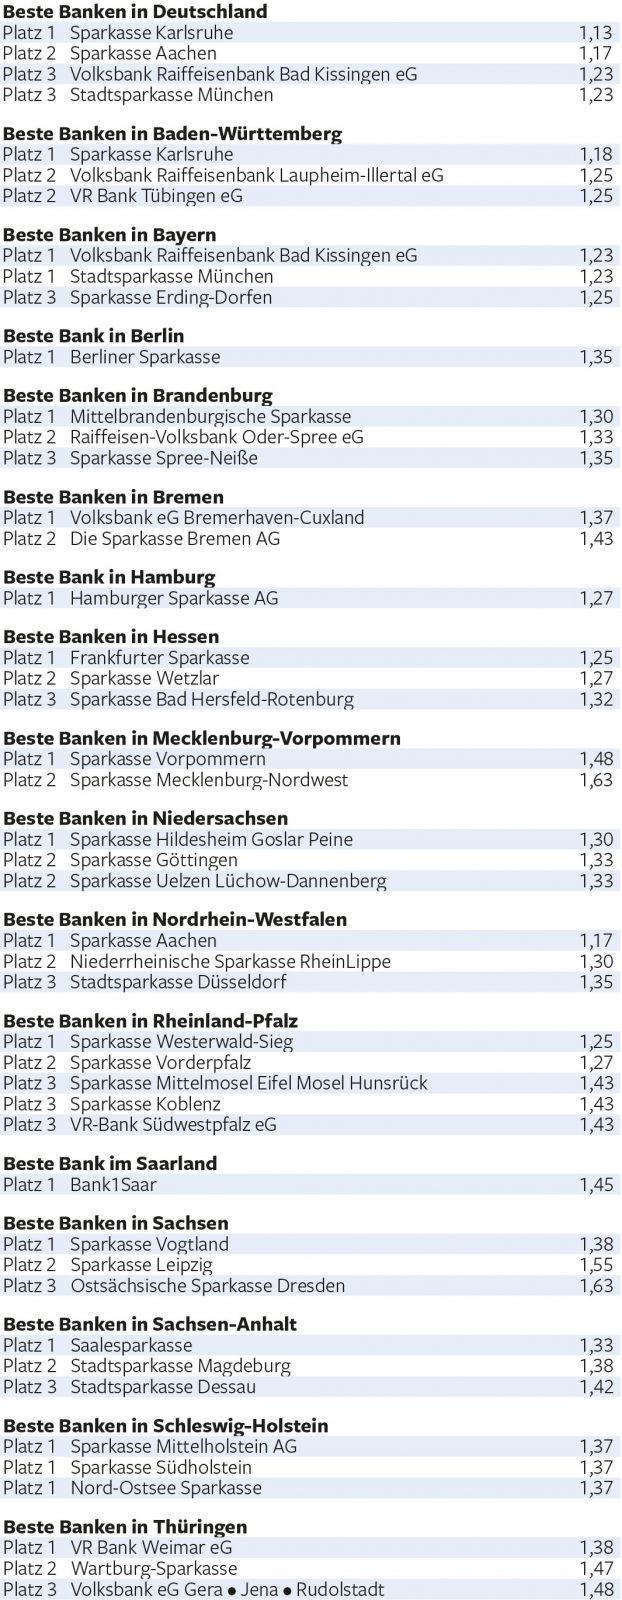 Beste-Banken-fuer-Baufinanzierung-2018